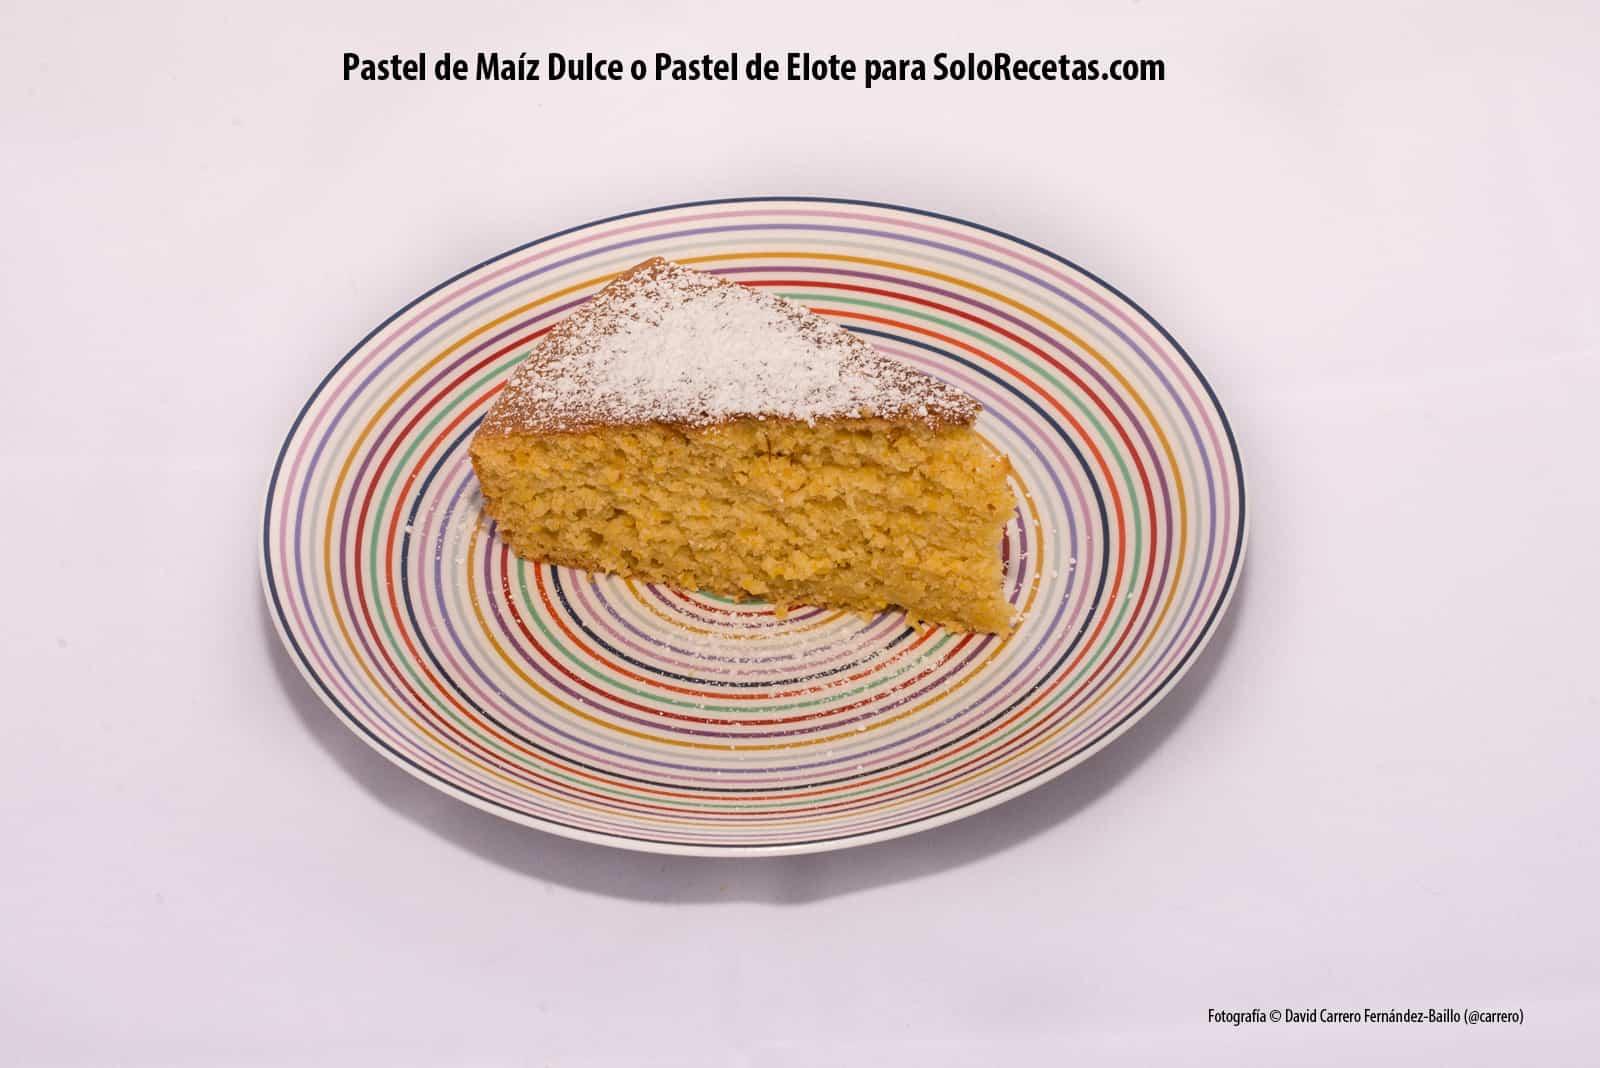 Presentación del Pastel de Maíz Dulce o Pastel de Elote